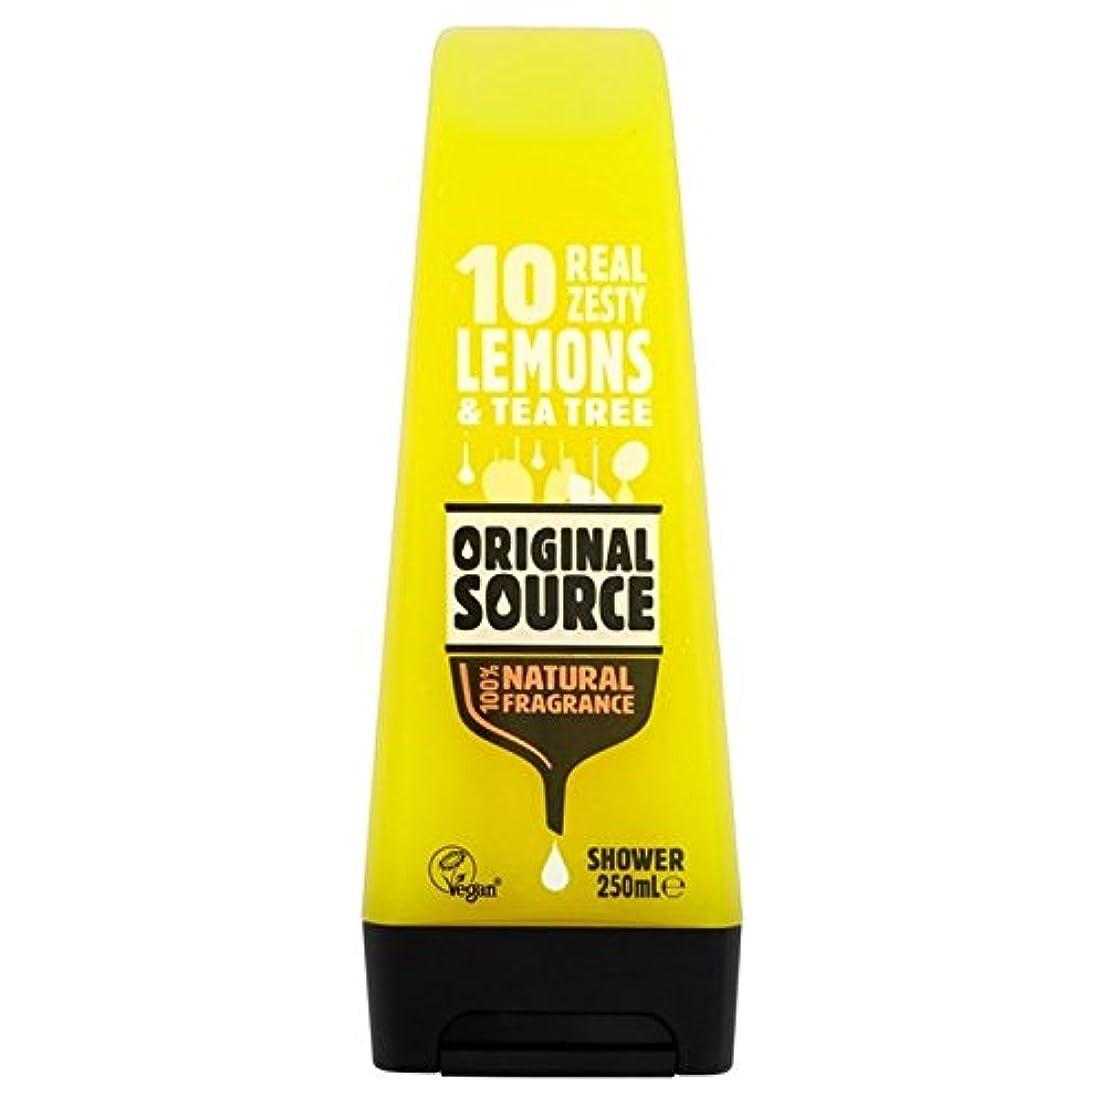 バケット教え中国Original Source Lemon Shower Gel 250ml - 元のソースのレモンシャワージェル250ミリリットル [並行輸入品]